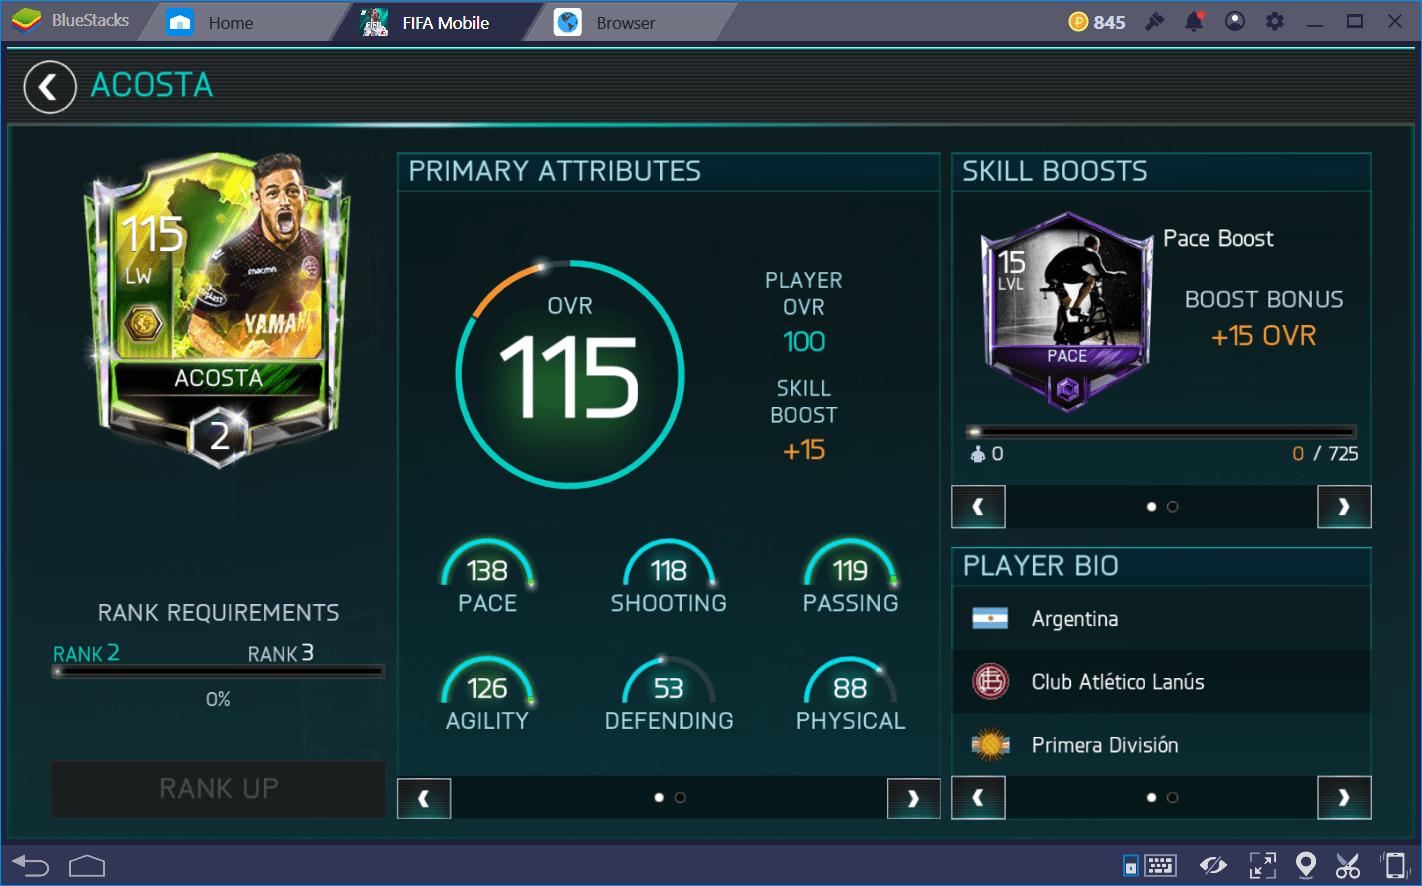 FIFA Mobile: 가장 빠른 선수 Top 10